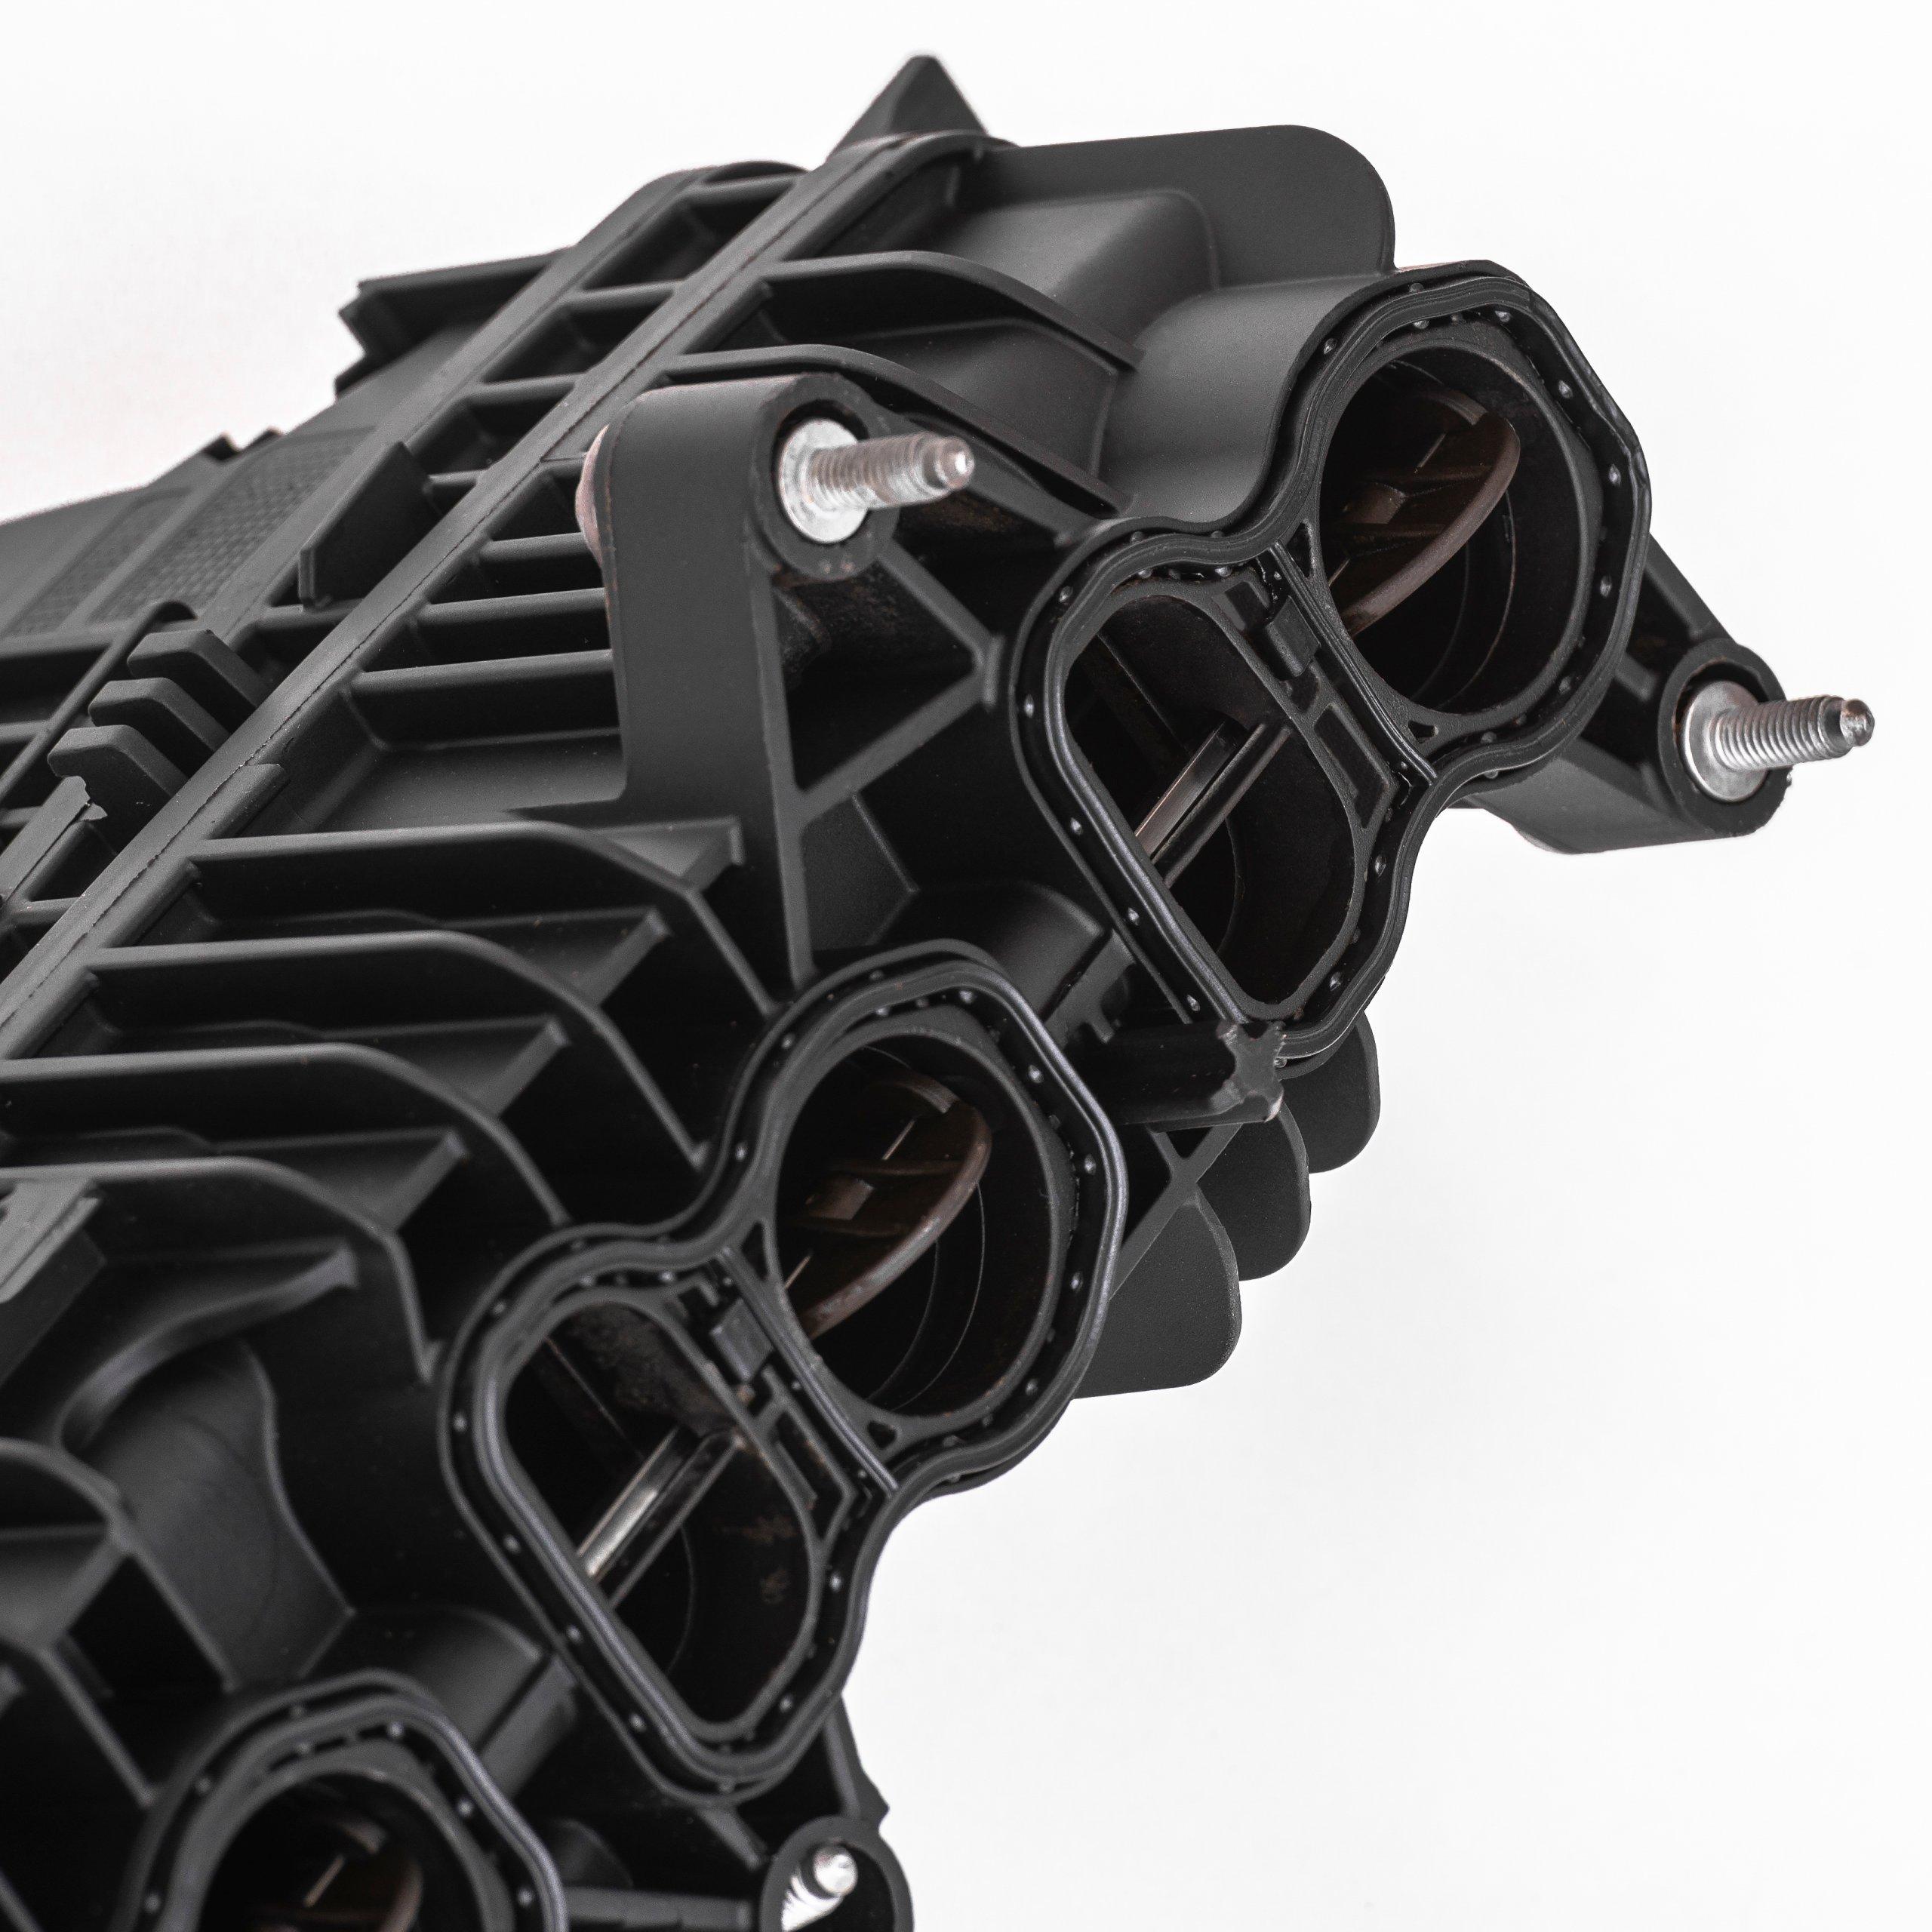 KOLEKTOR SSĄCY BMW 3.0d N57 X5 F15 X6 F16 X3 F25